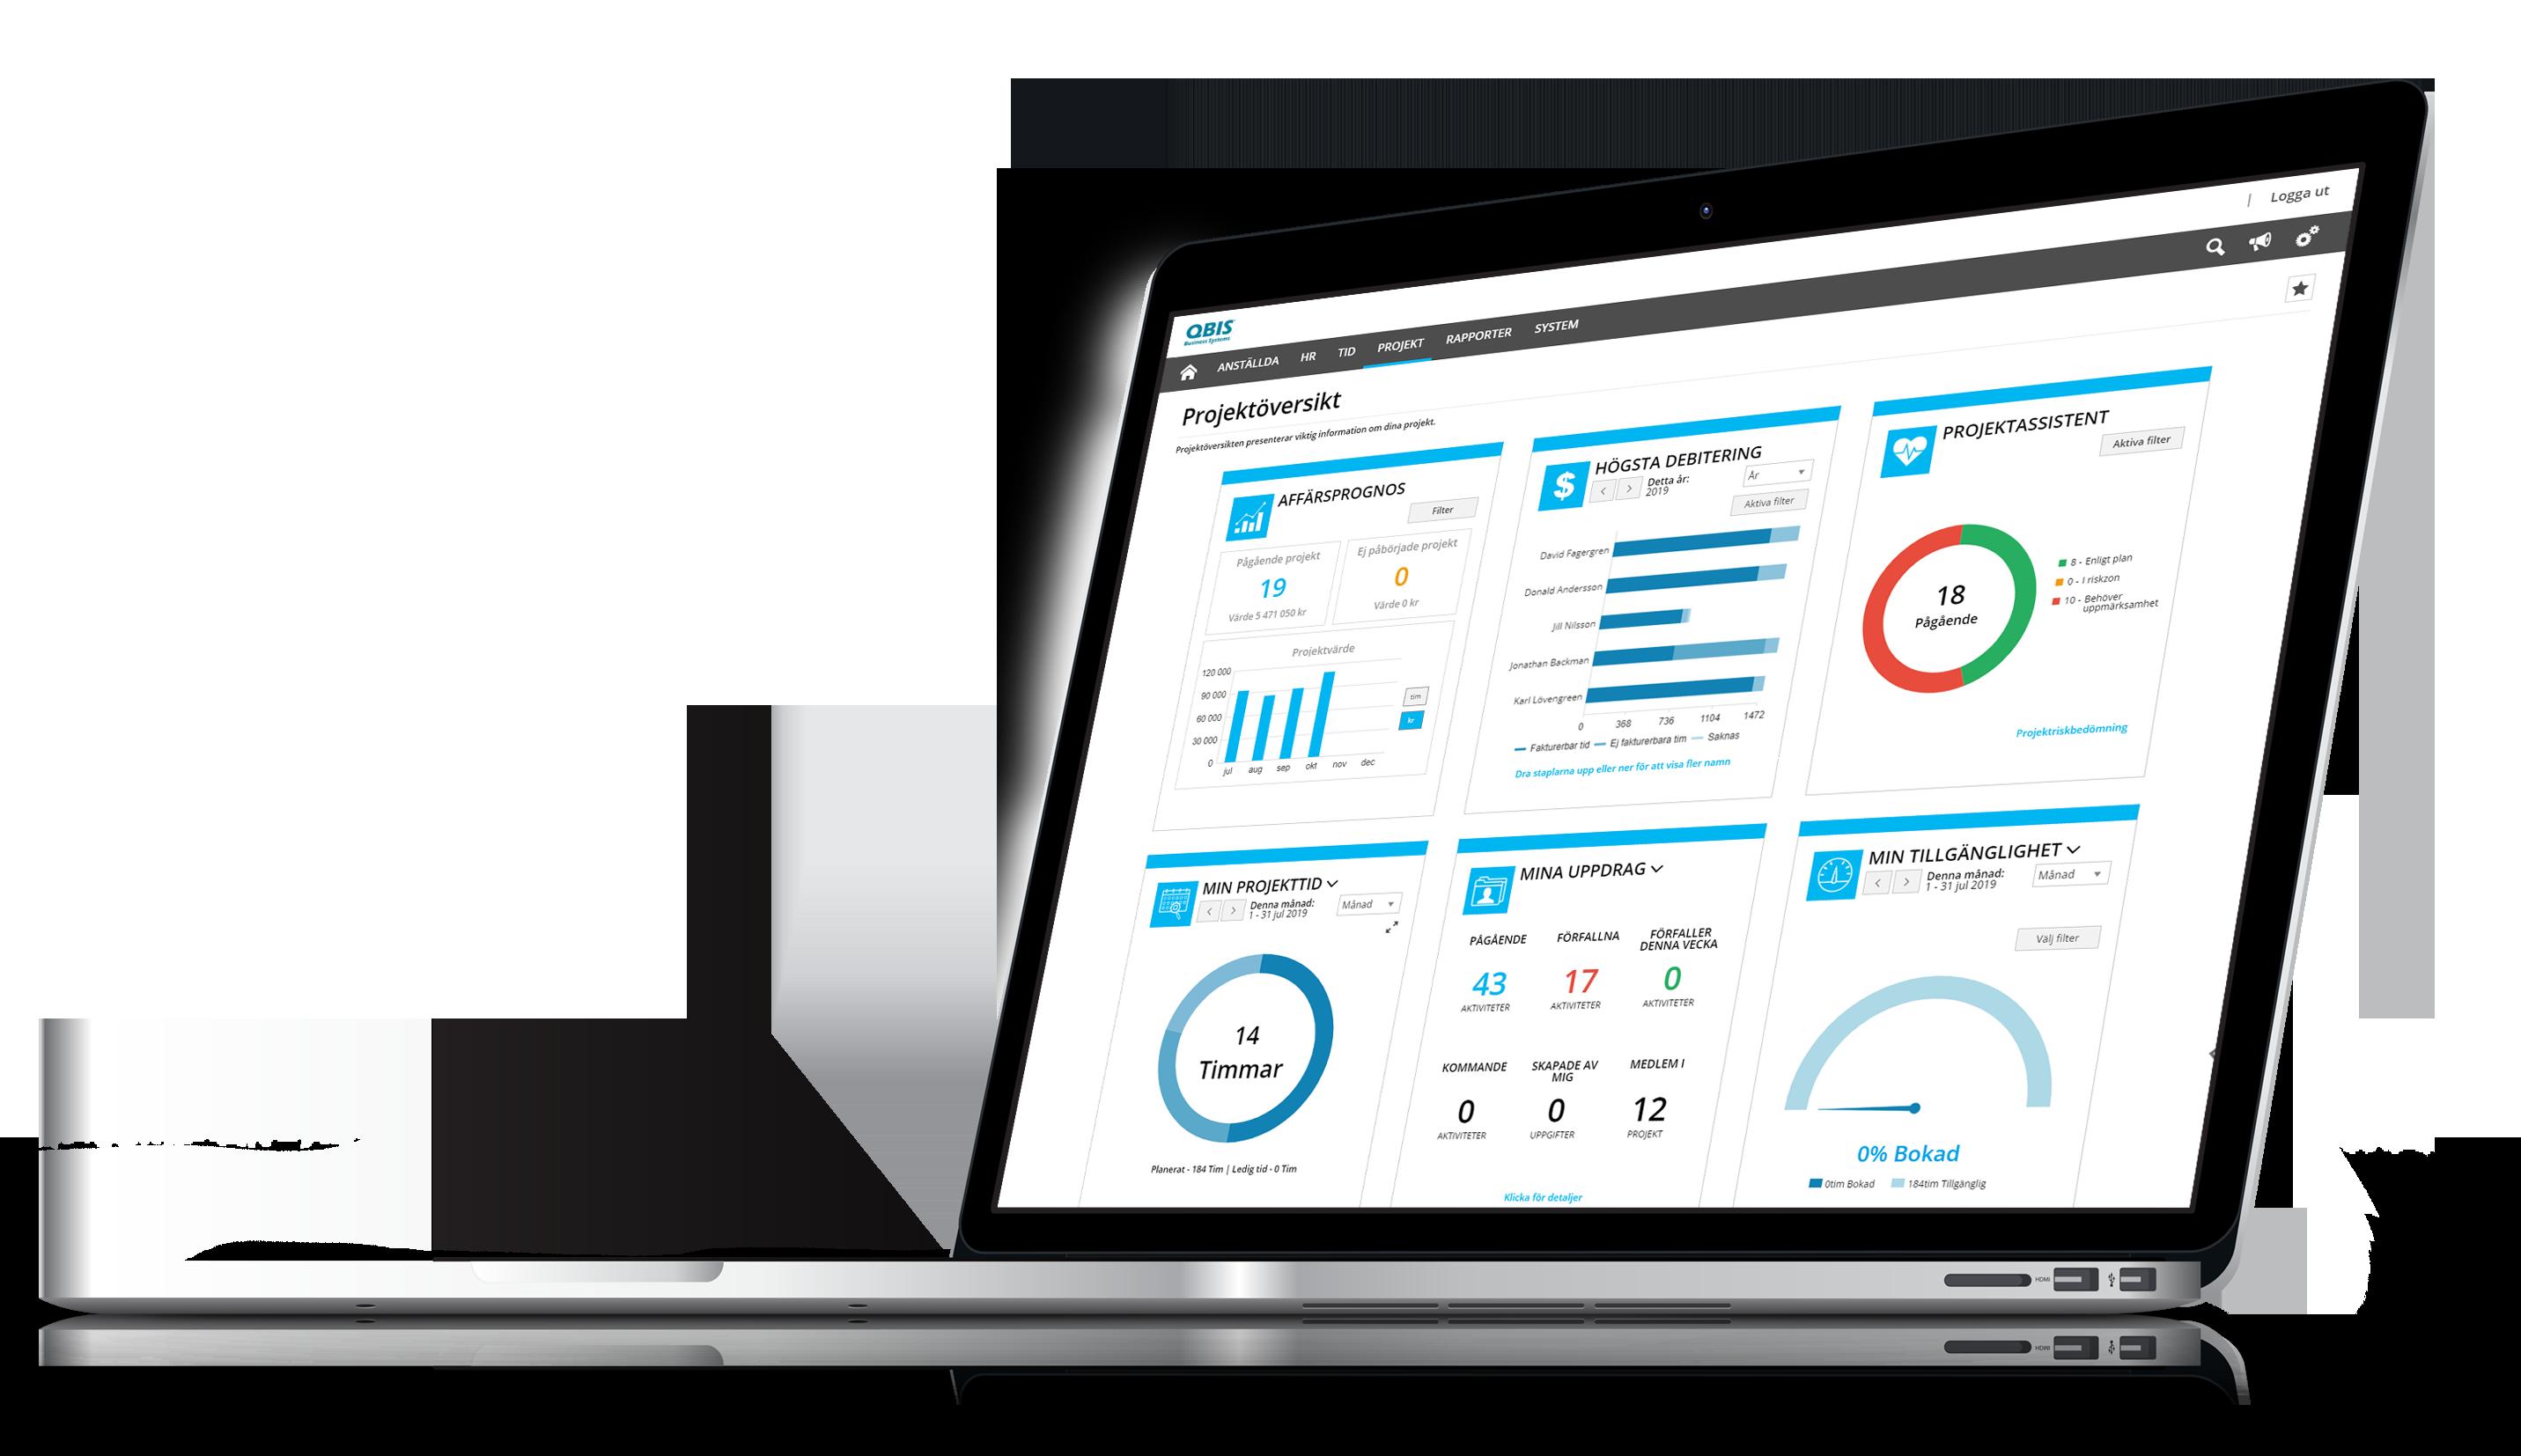 Projekthantering med widgets inom QBIS Projekt